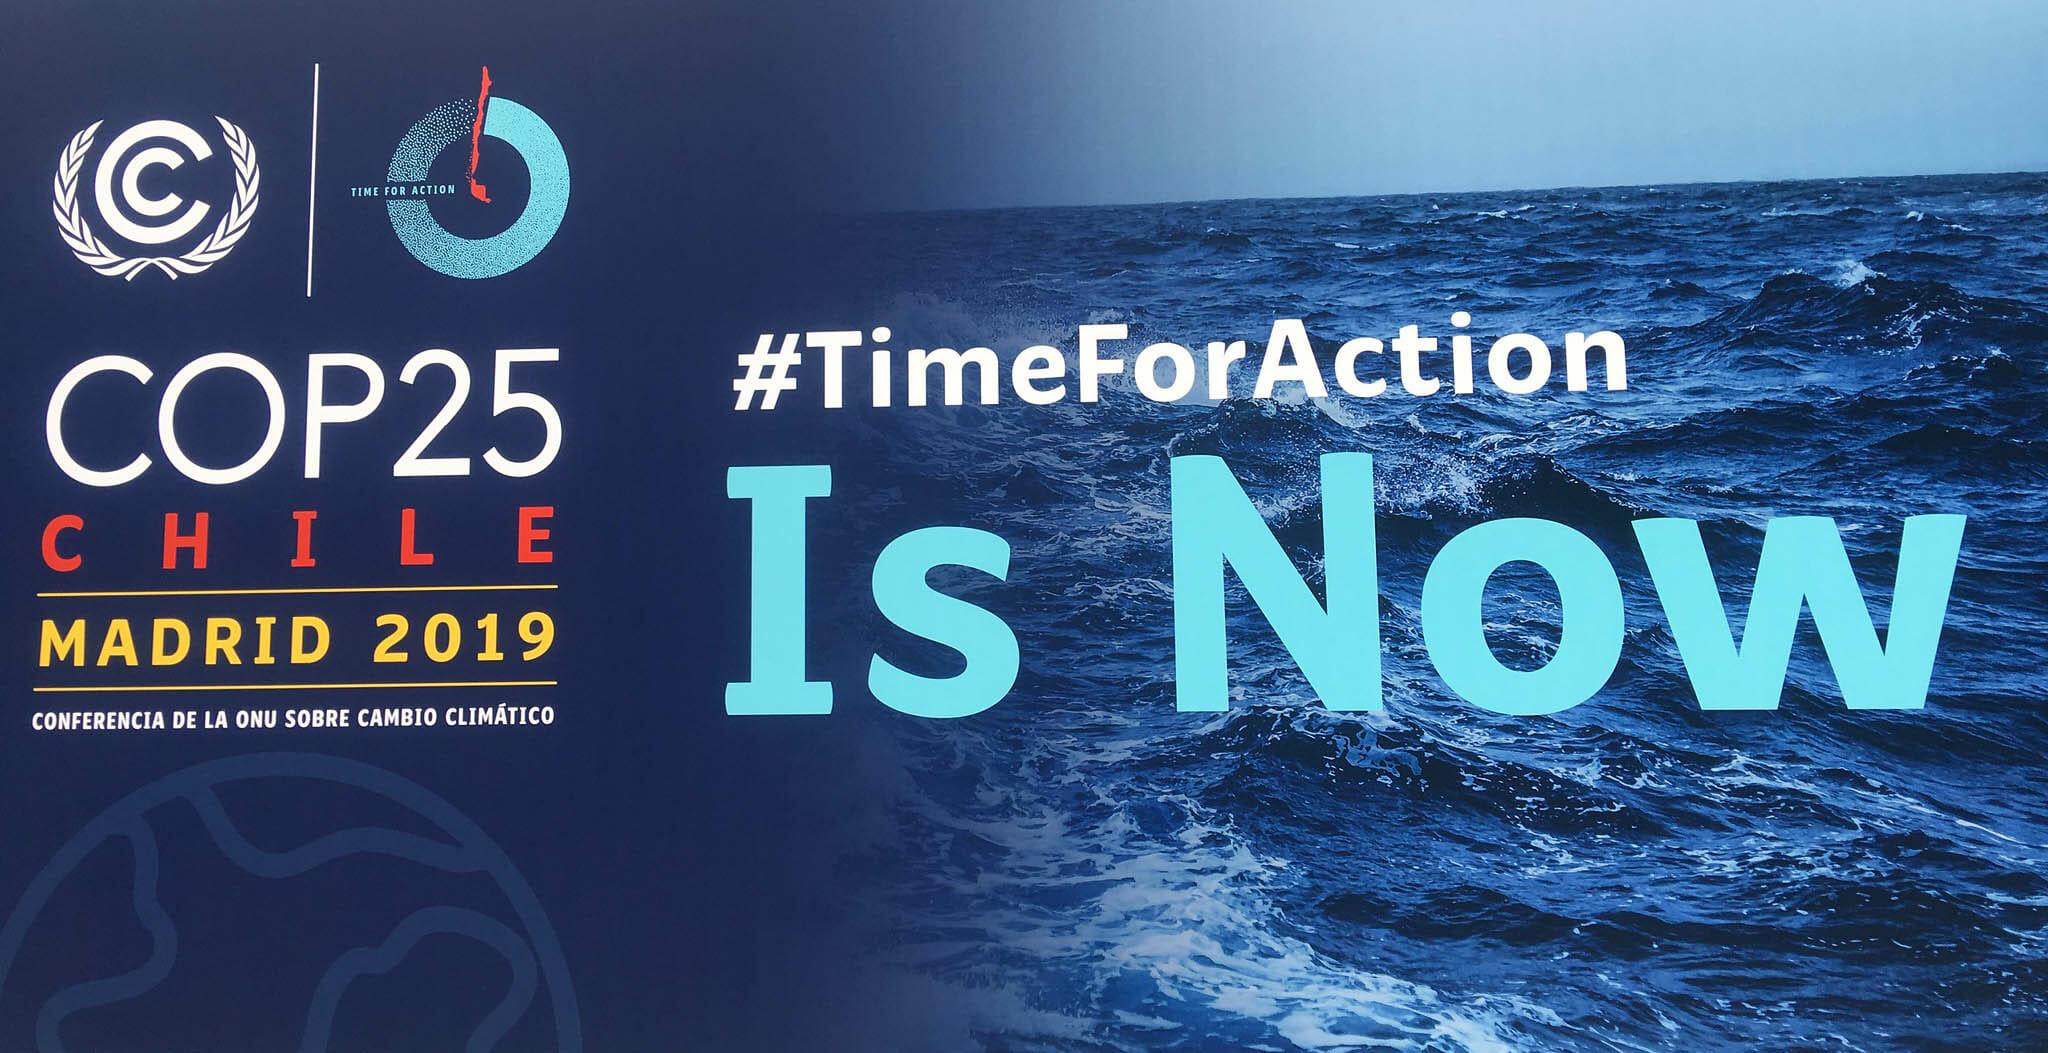 Participamos en la Cumbre del Clima COP25 2019